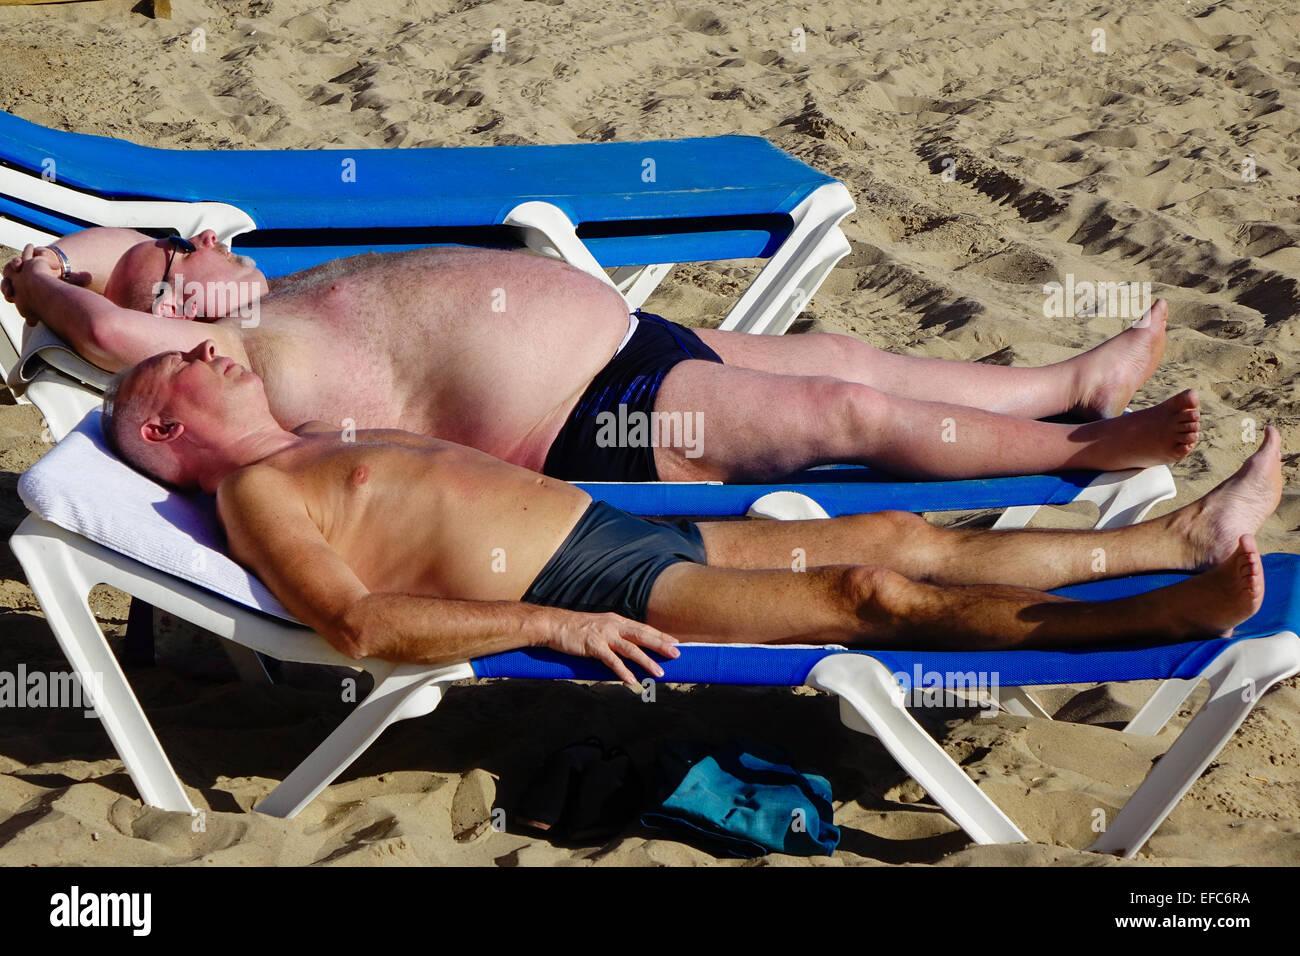 naked men sunbathing pics